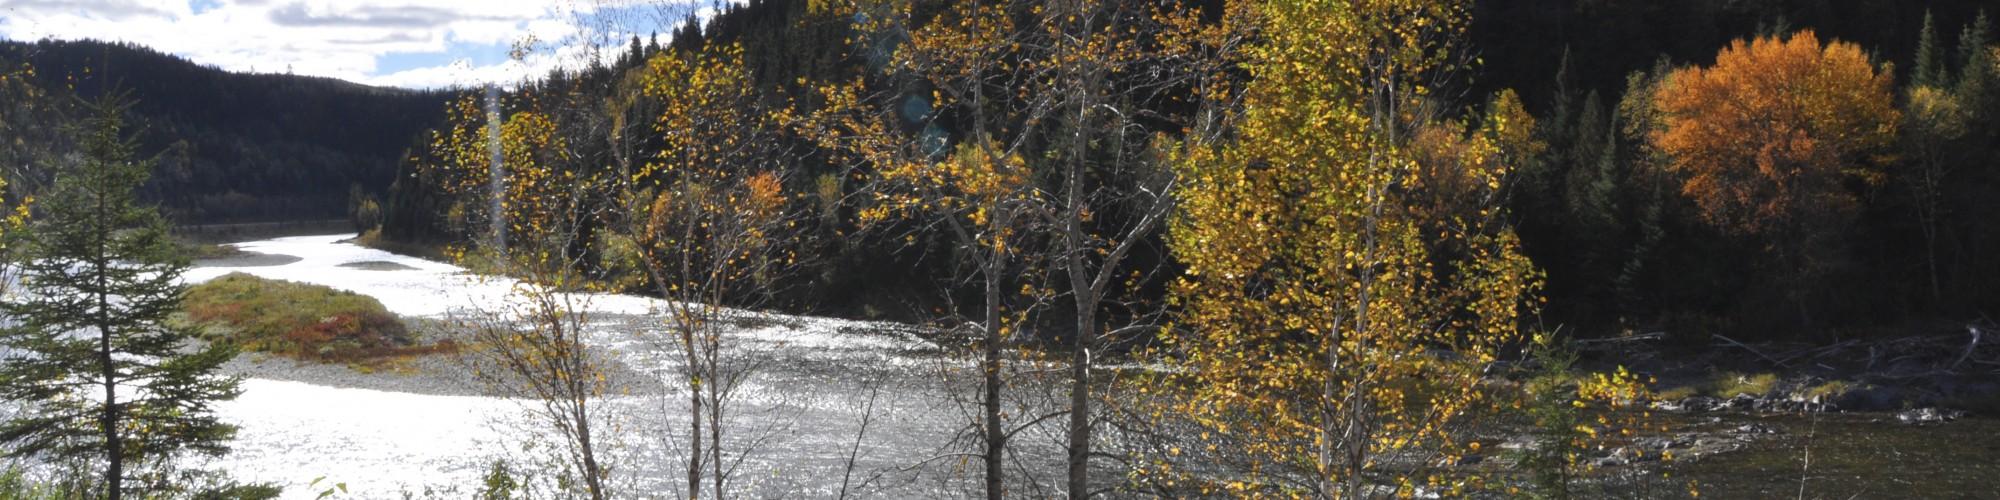 Rivière, paysage automnal